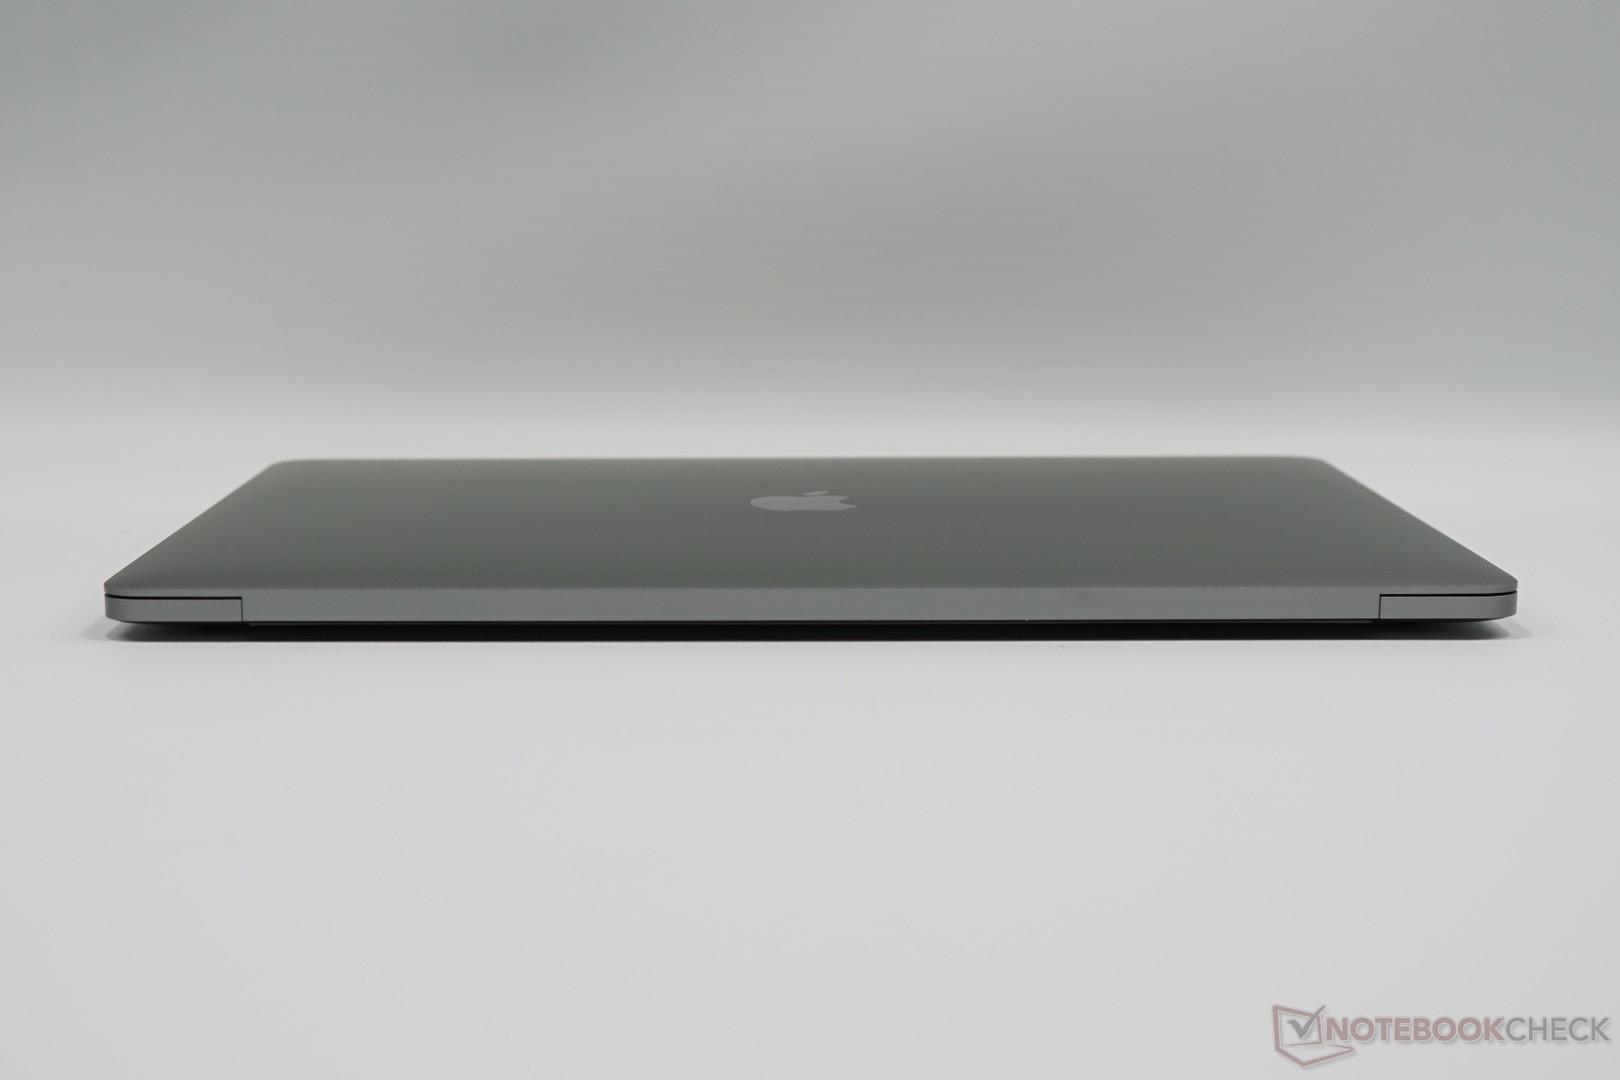 IPhone diefstal verzekering - vanaf 2,50 p/m